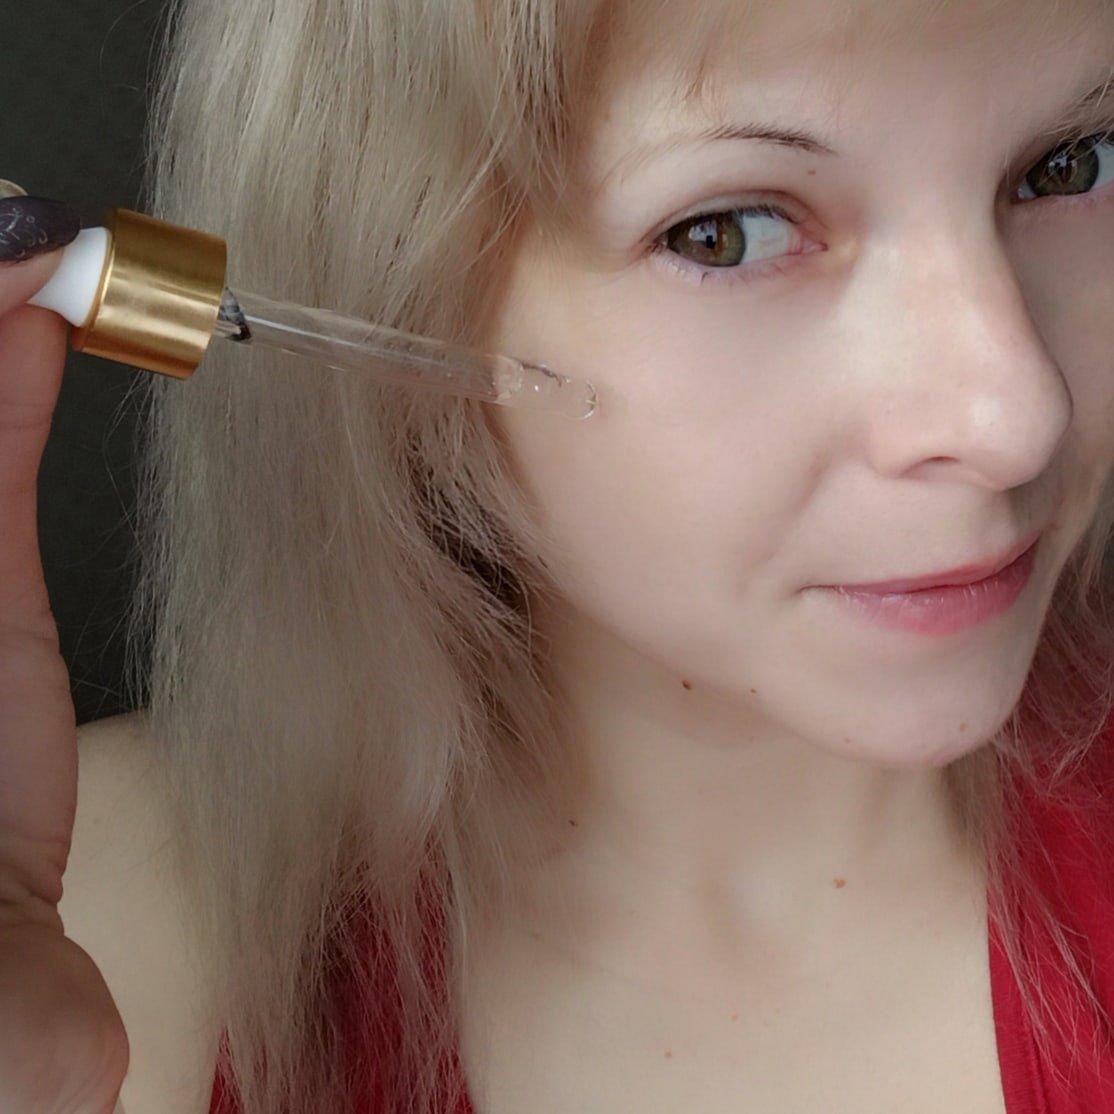 Сыворотка 24К дневной уход за кожей лица от MeiYanQiong - цена